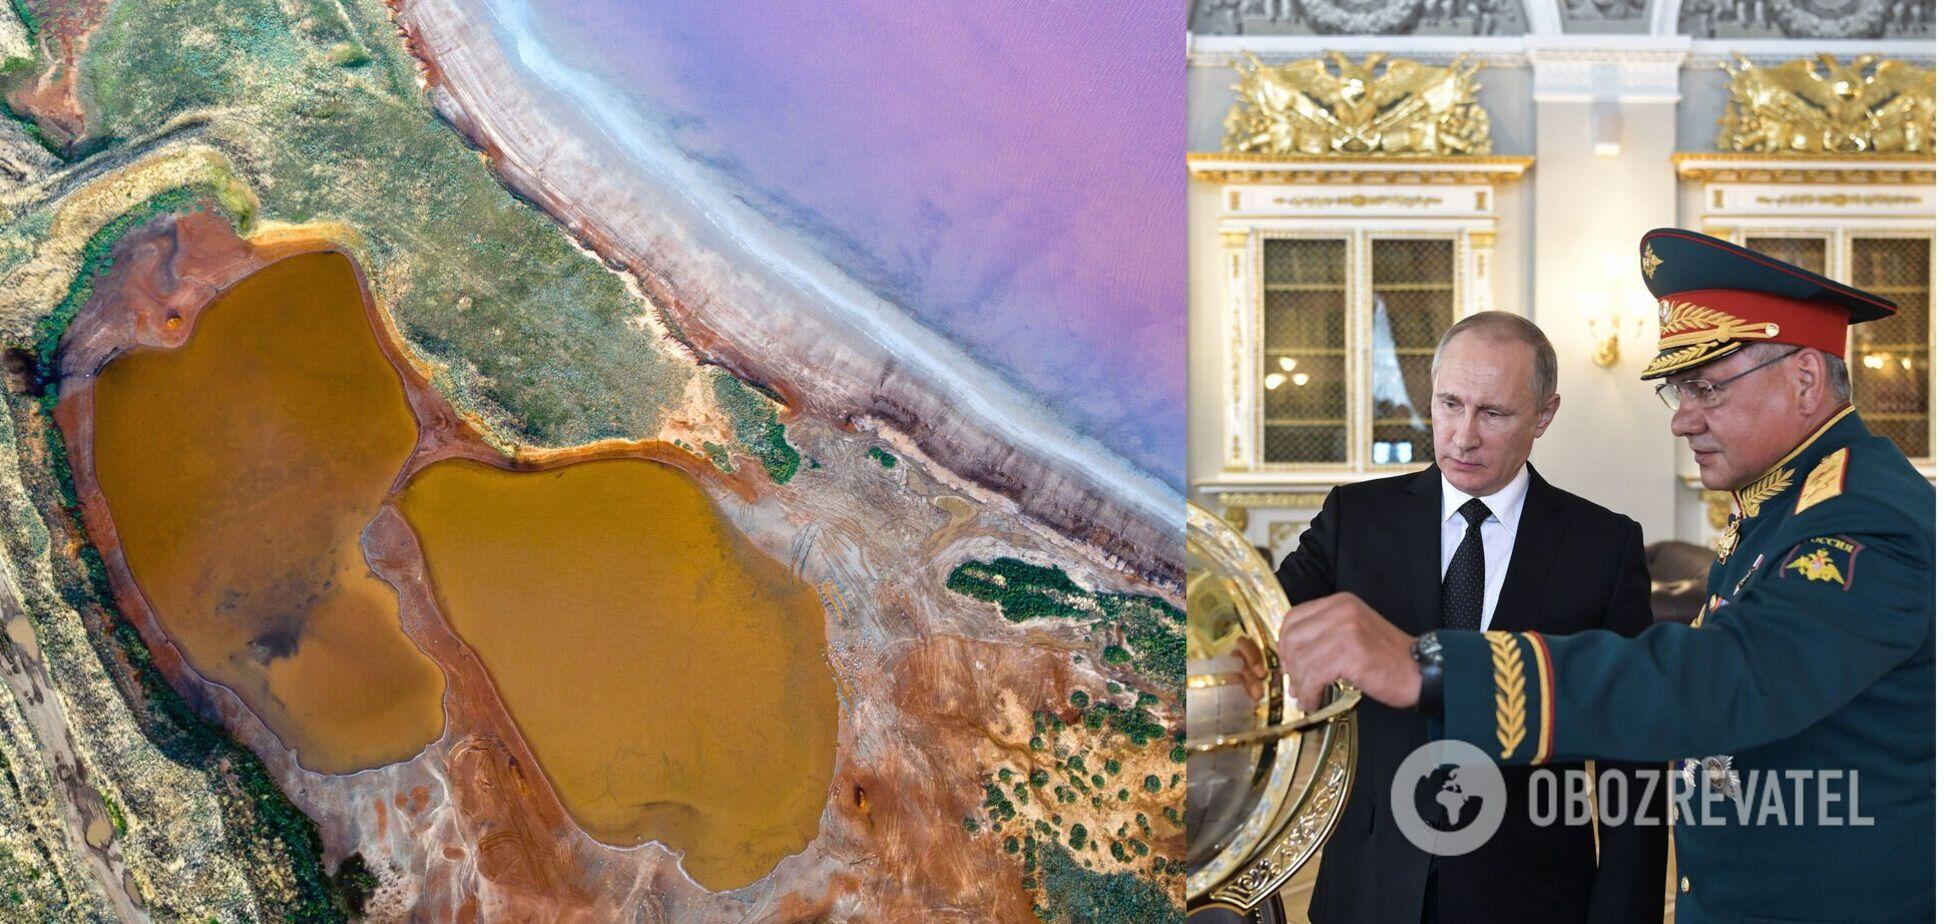 Кремль може зважитися на пробиття коридору в Крим, – Полозов